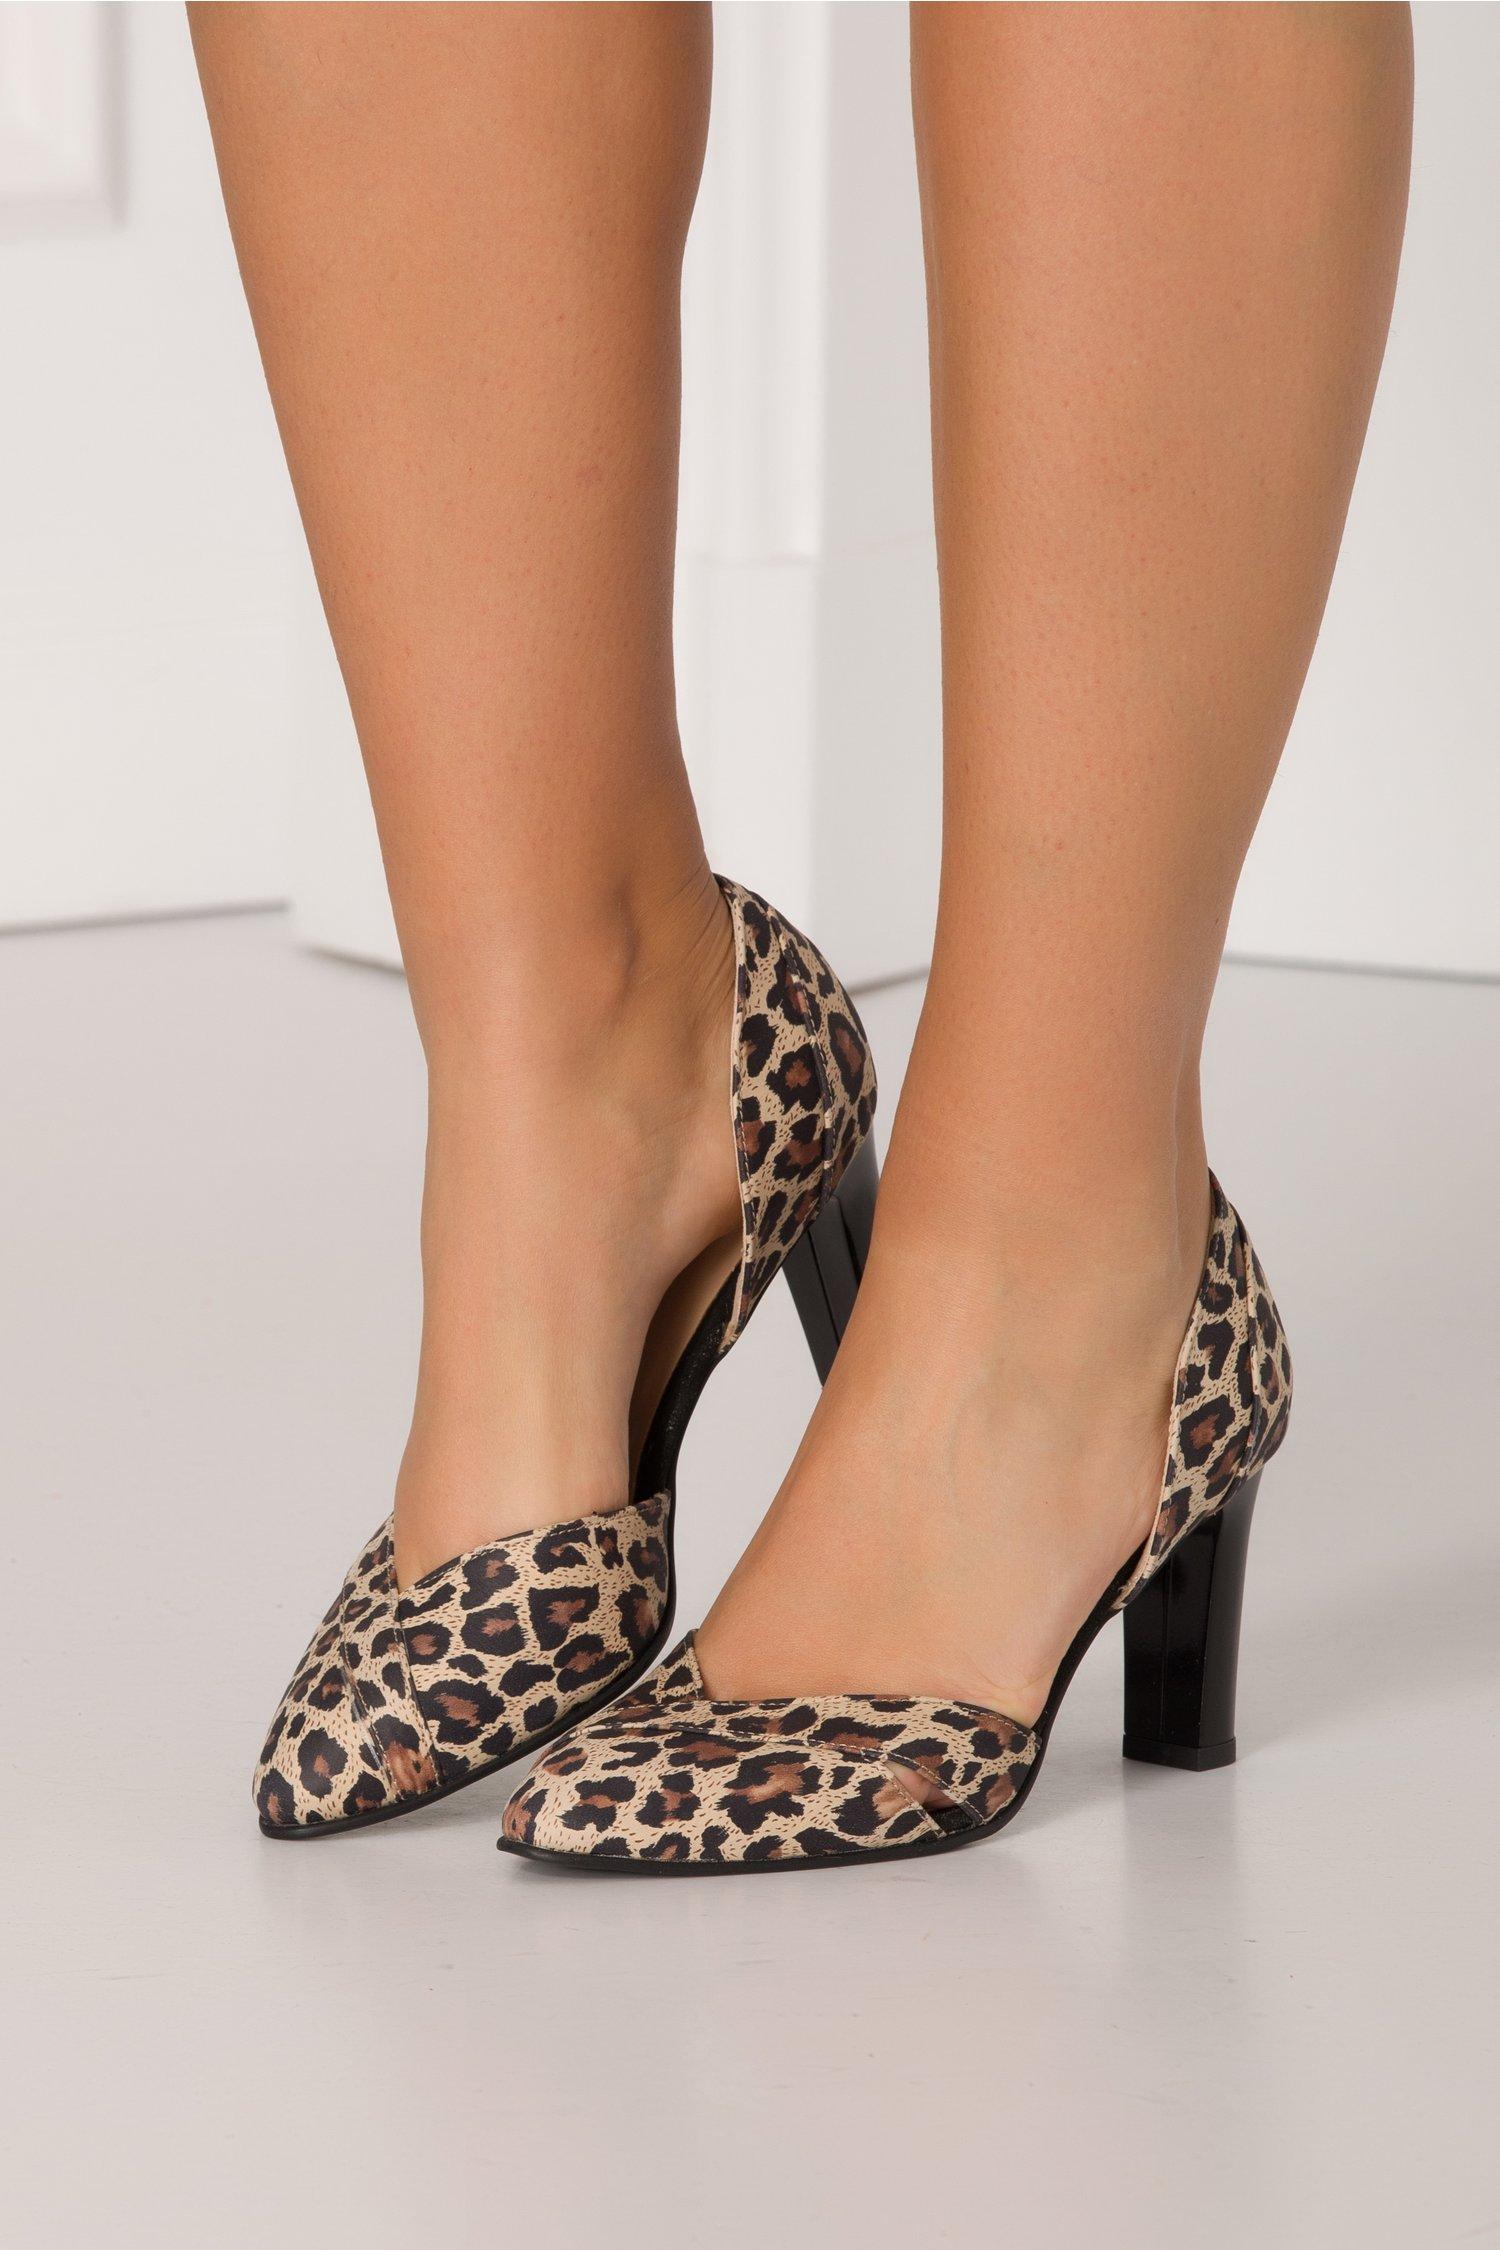 Pantofi animal print decupati in lateral